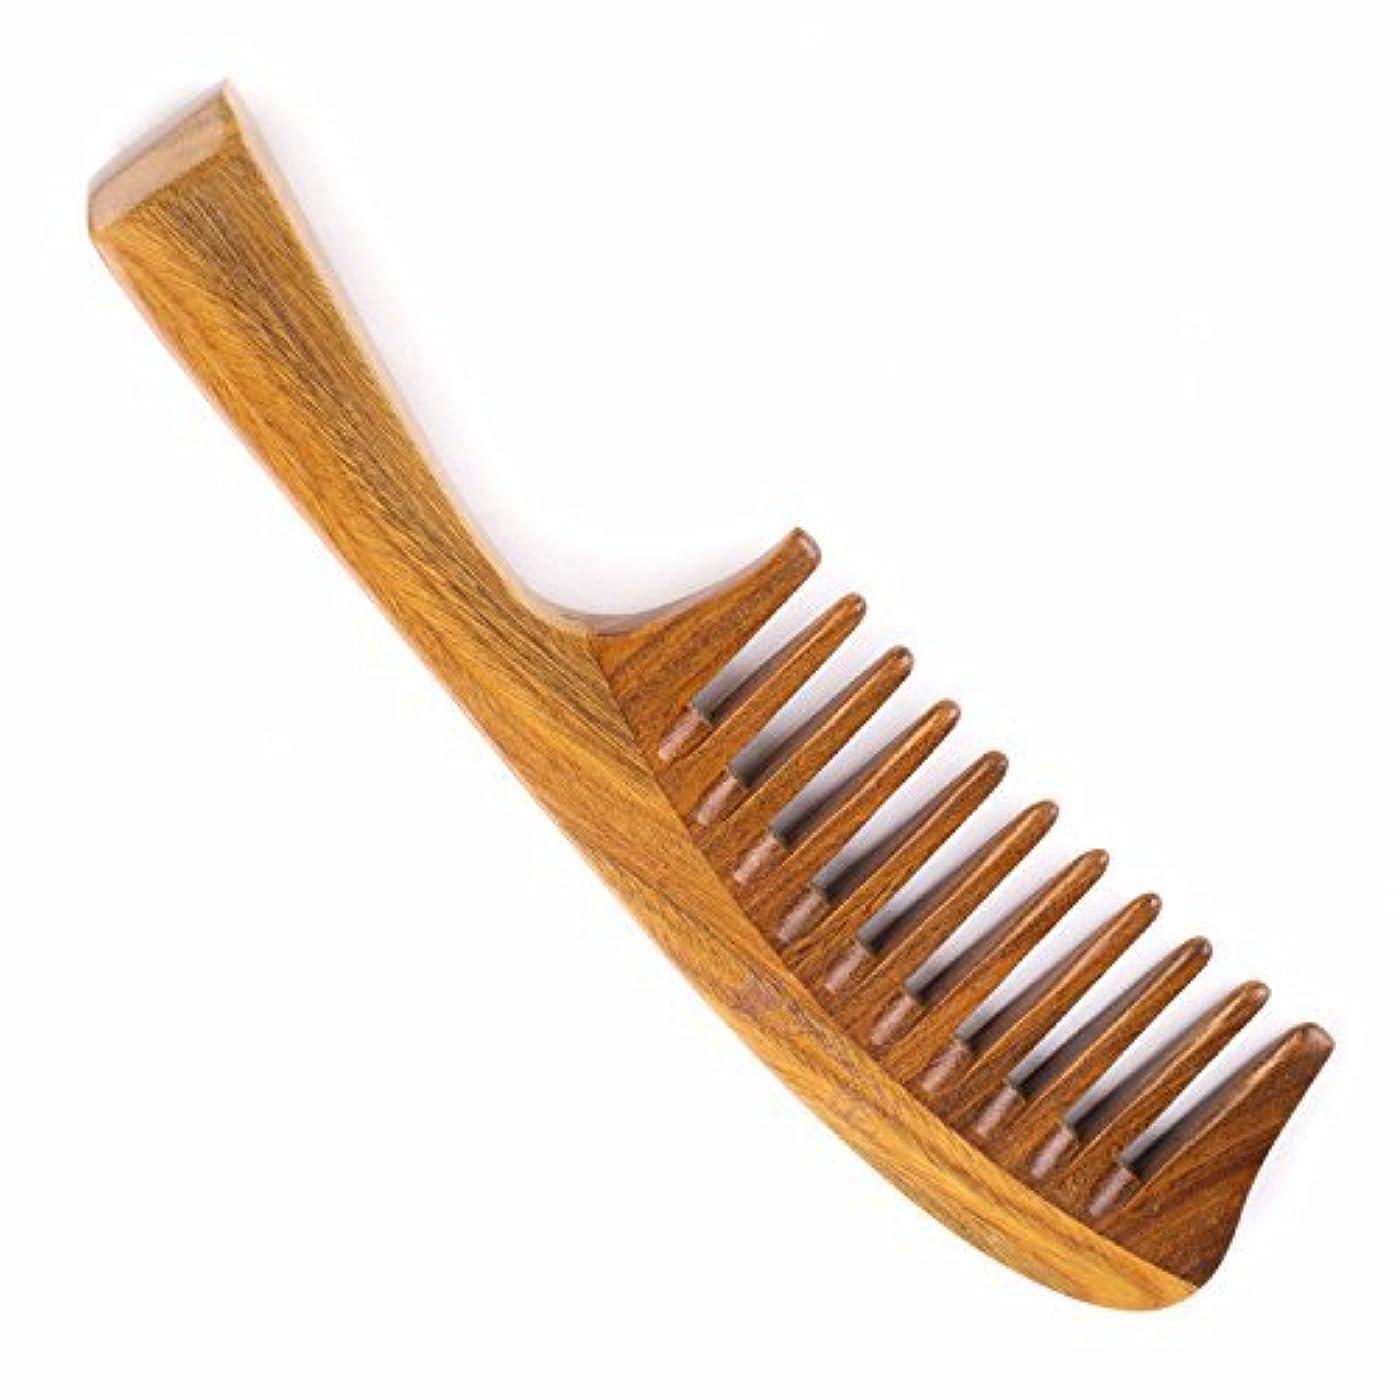 ソートインターネットコーヒーHair Comb for Curly Hair - Breezelike Wide Tooth Sandalwood Comb - 8